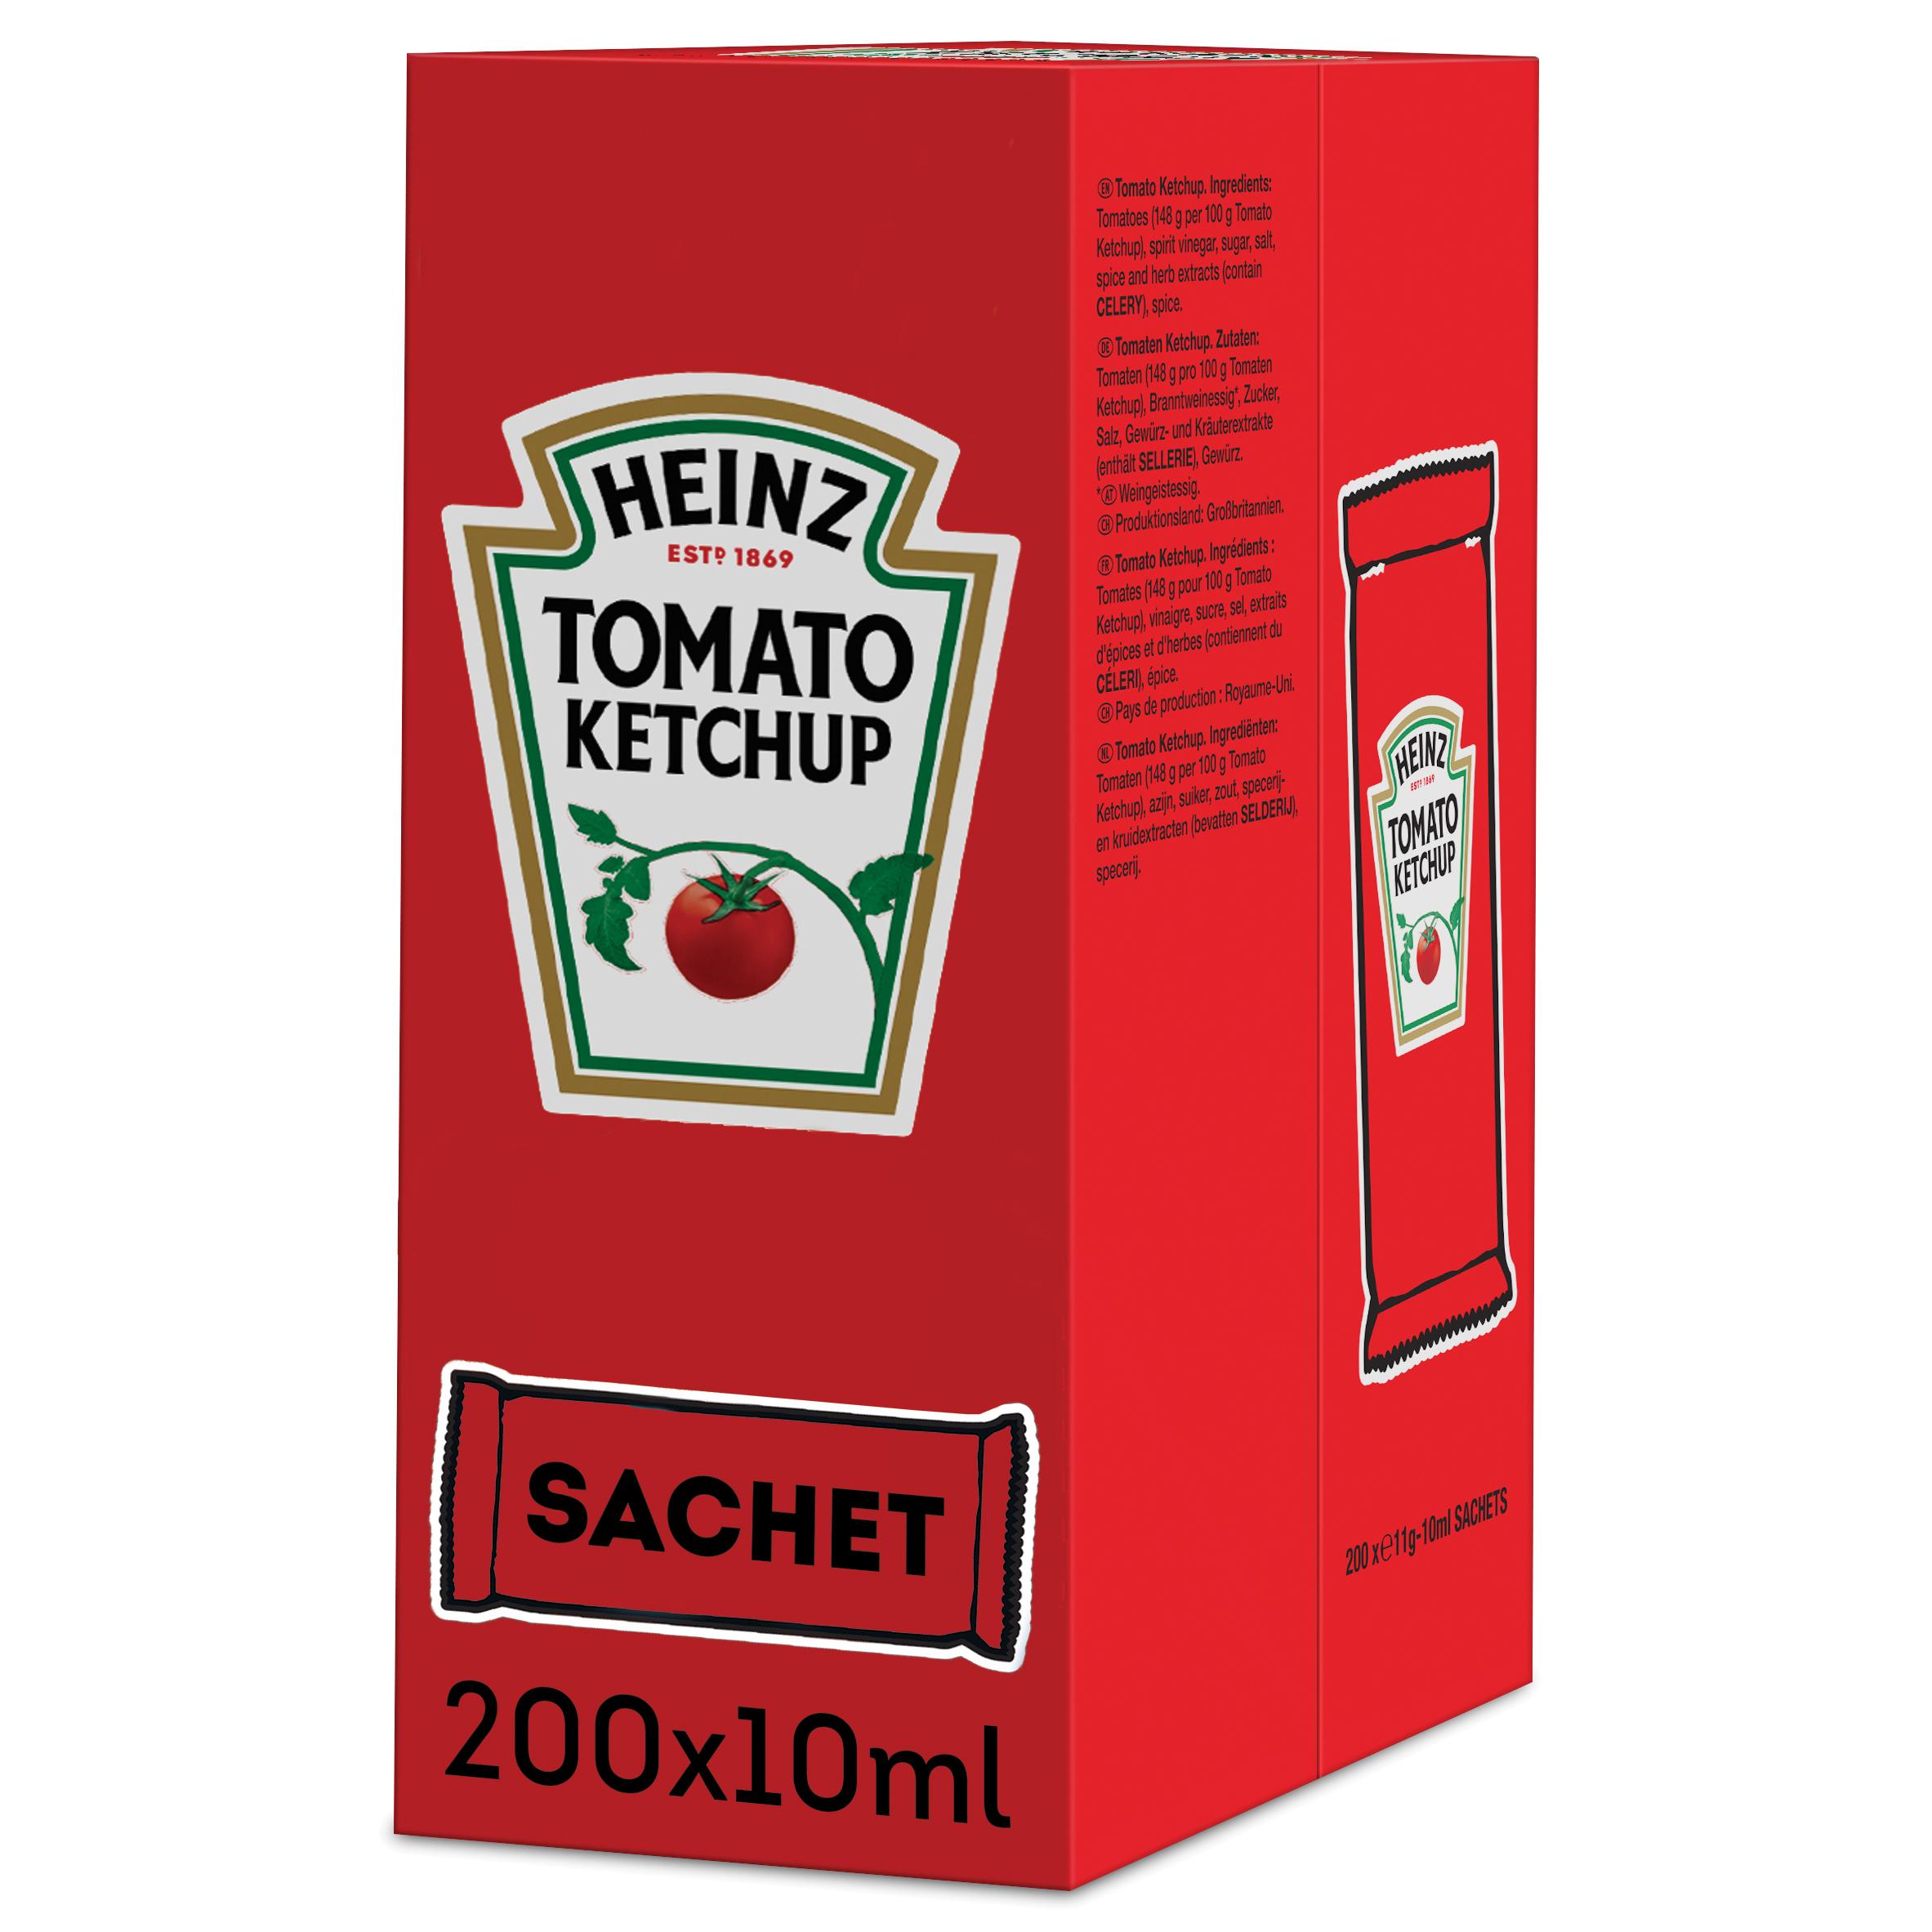 Heinz Tomato Ketchup 10ml